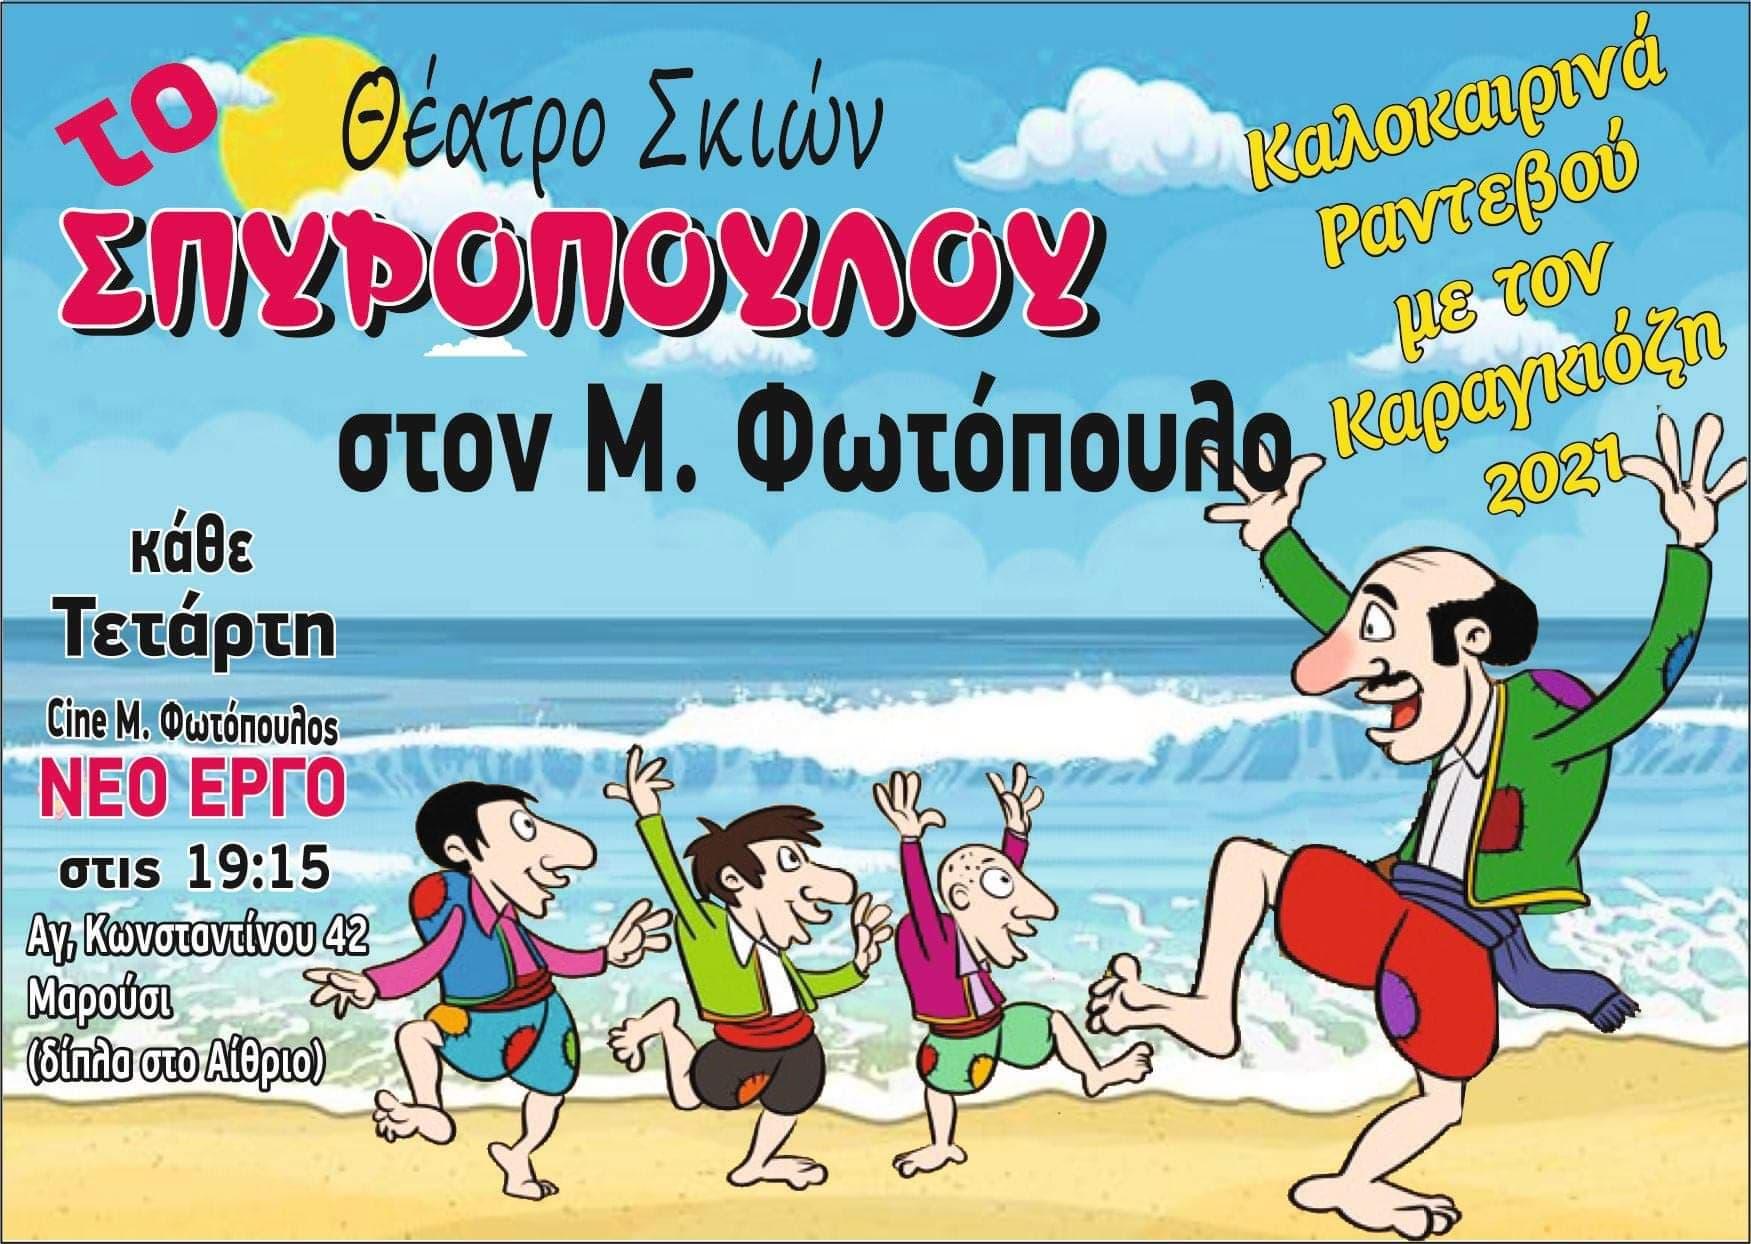 """Ο Καραγκιόζης του Σπυρόπουλου κάθε Τετάρτη στο θερινό Σίνε """"Μίμης Φωτόπουλος"""""""